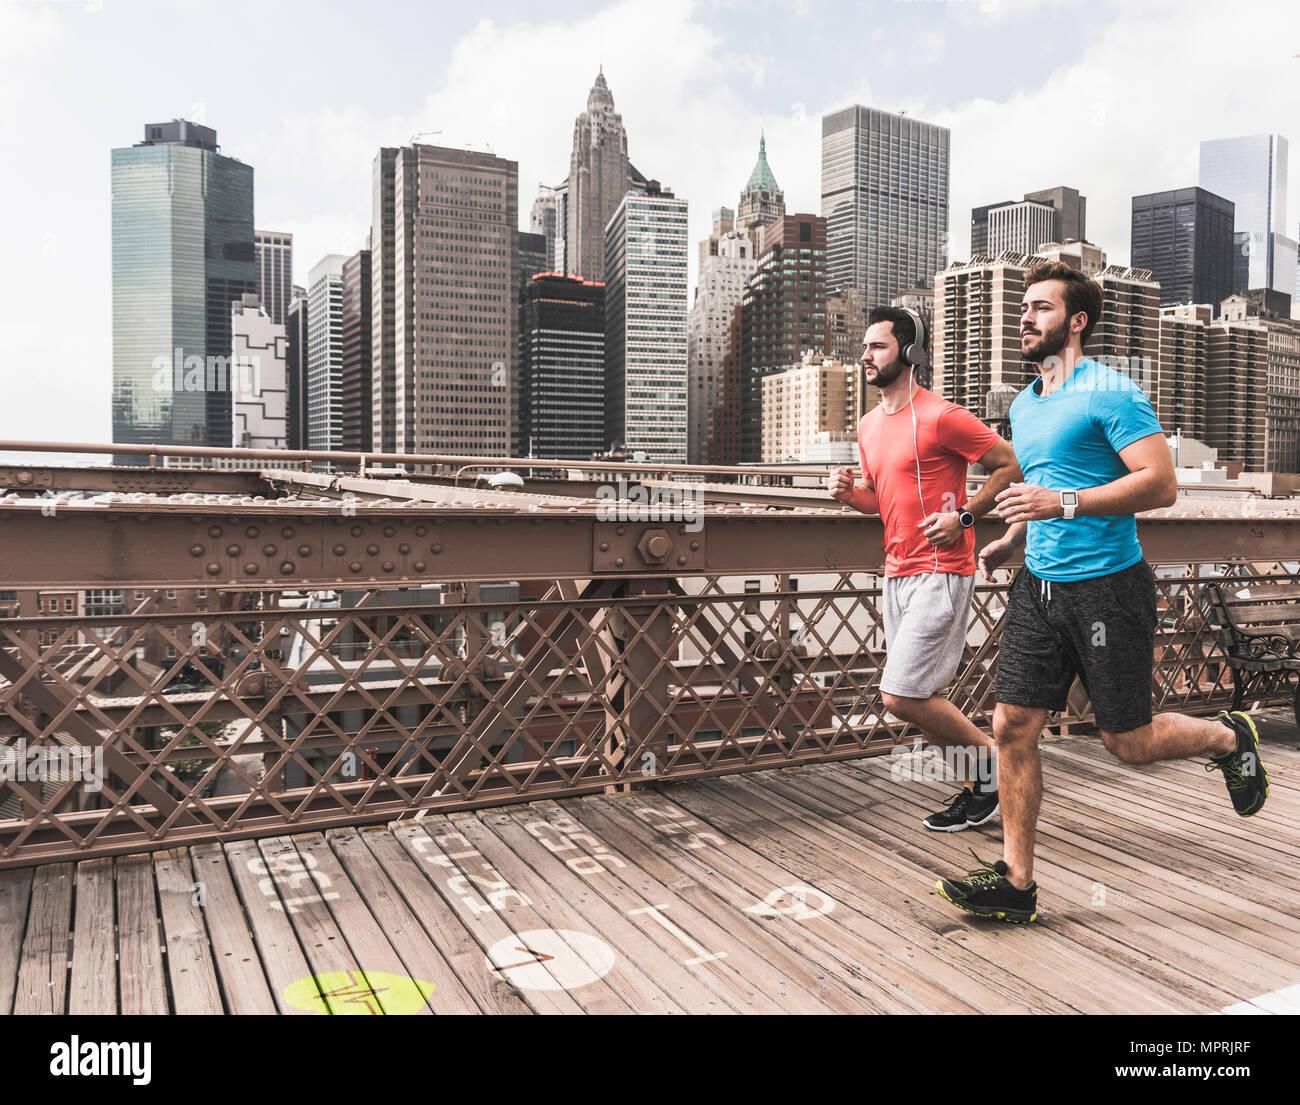 USA, New York City, deux hommes s'exécutant sur Brooklyn brige avec des données sur le terrain Photo Stock